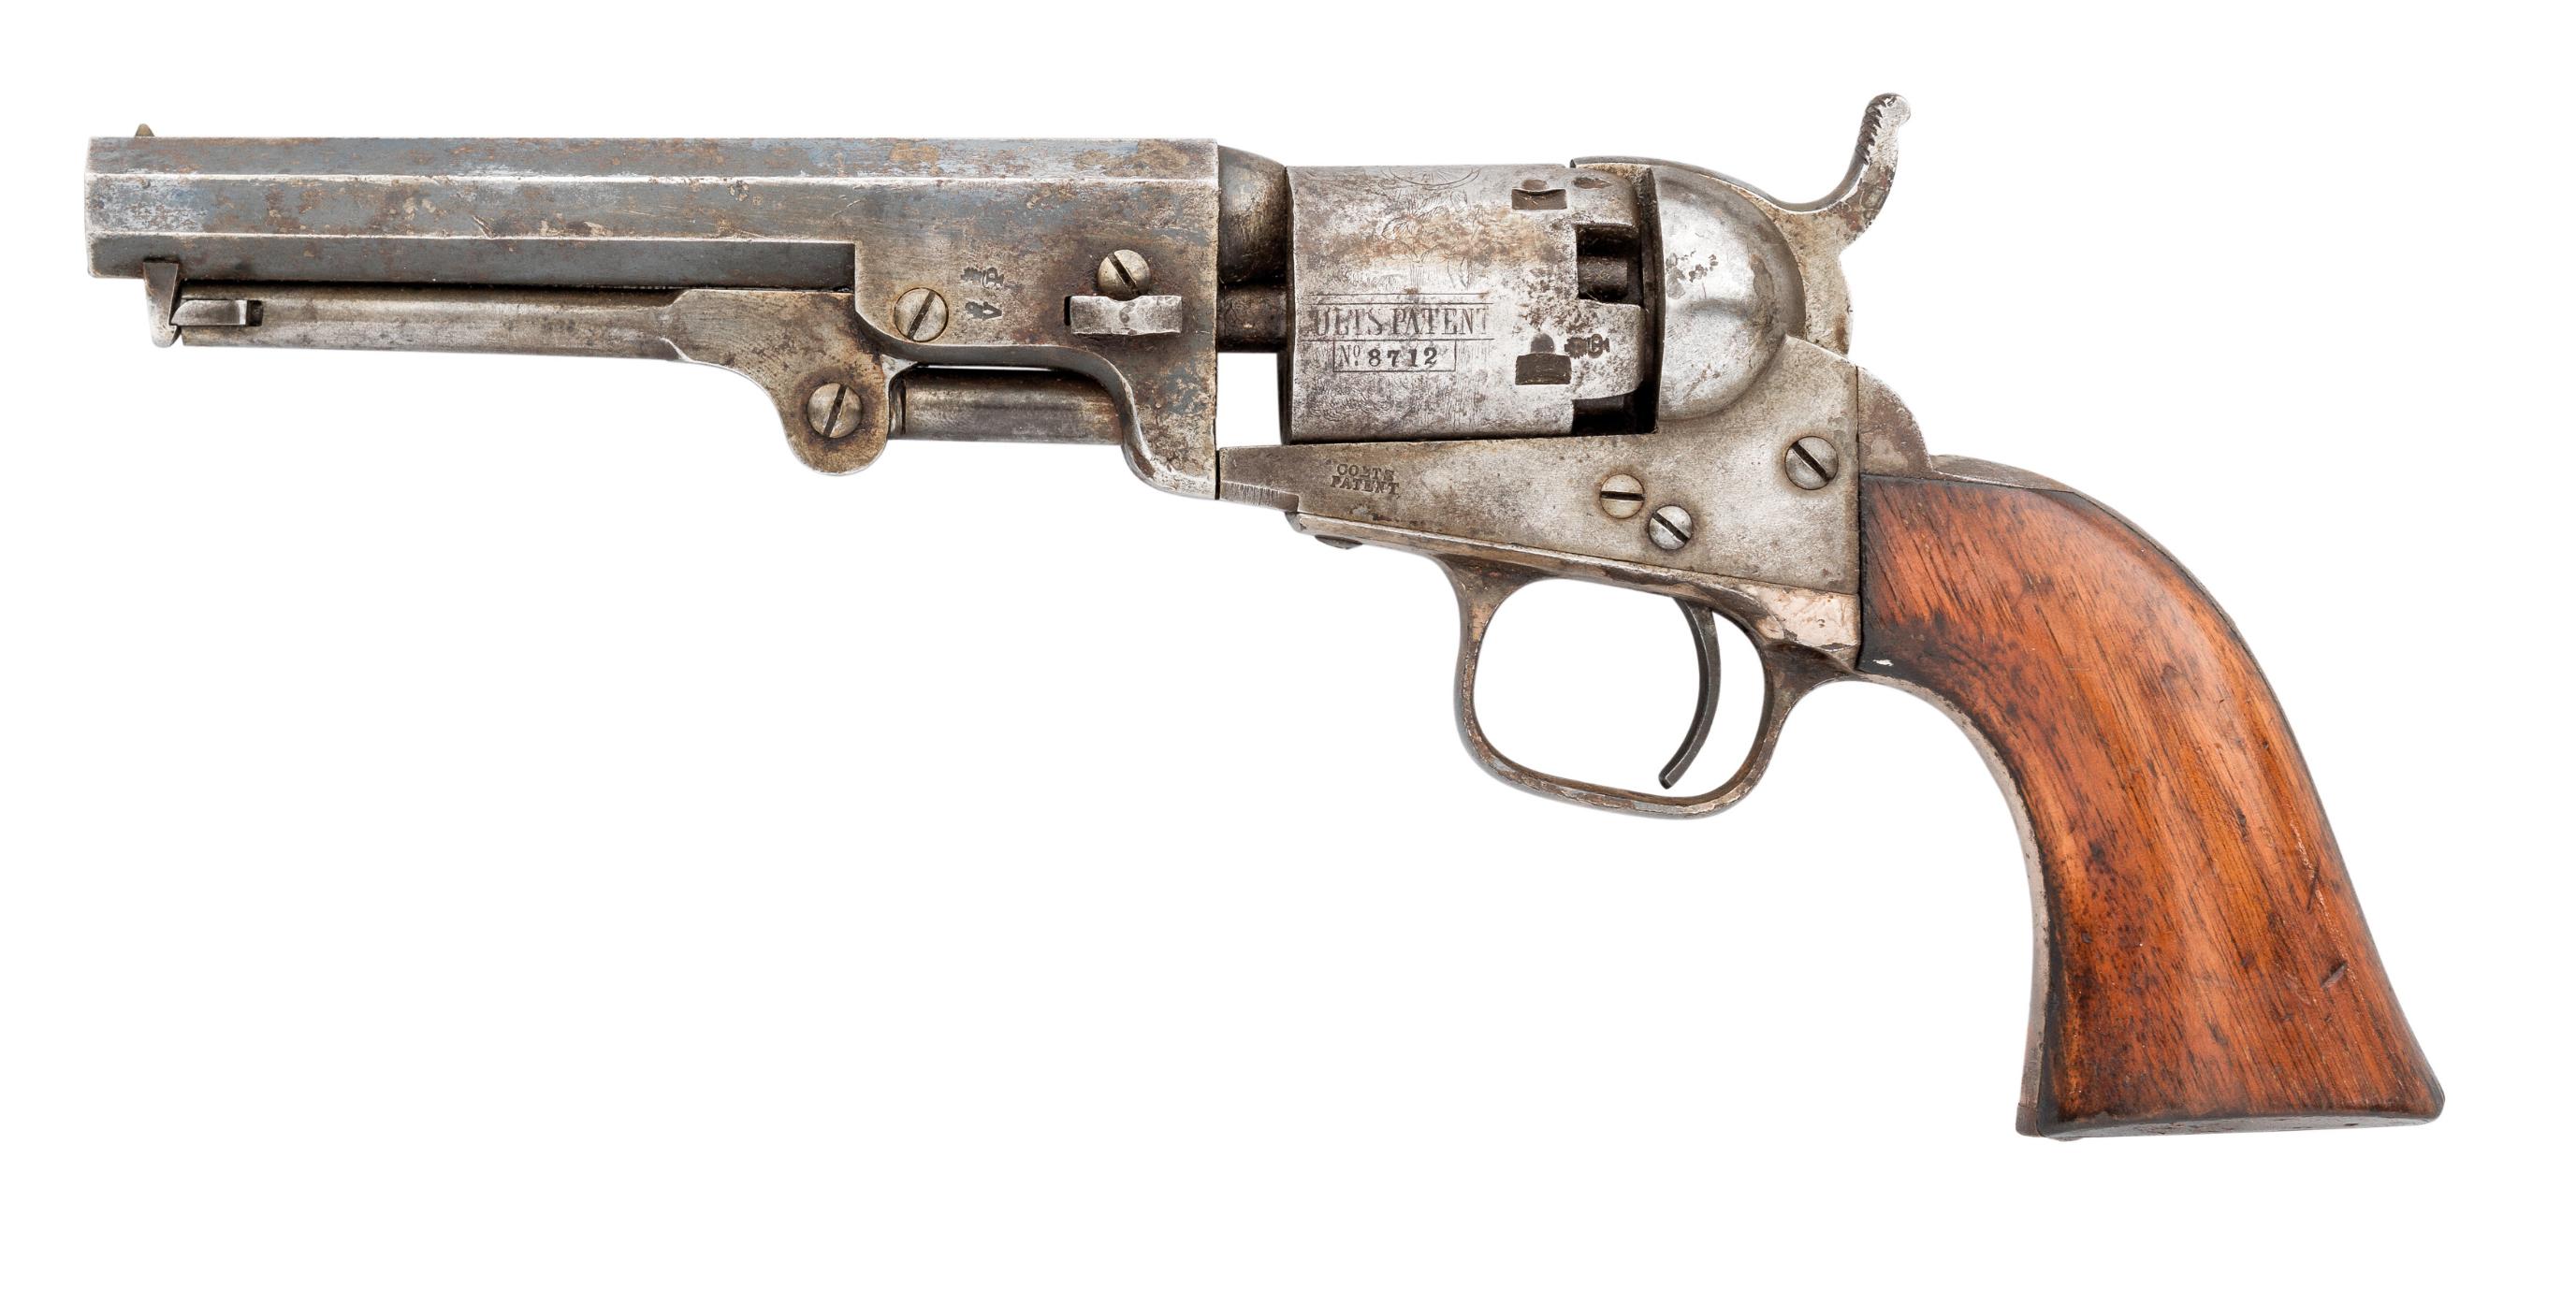 Ⓦ A .31 CALIBRE COLT MODEL 1849 LONDON FIVE-SHOT PERCUSSION POCKET REVOLVER^ NO. 8712 FOR 1855